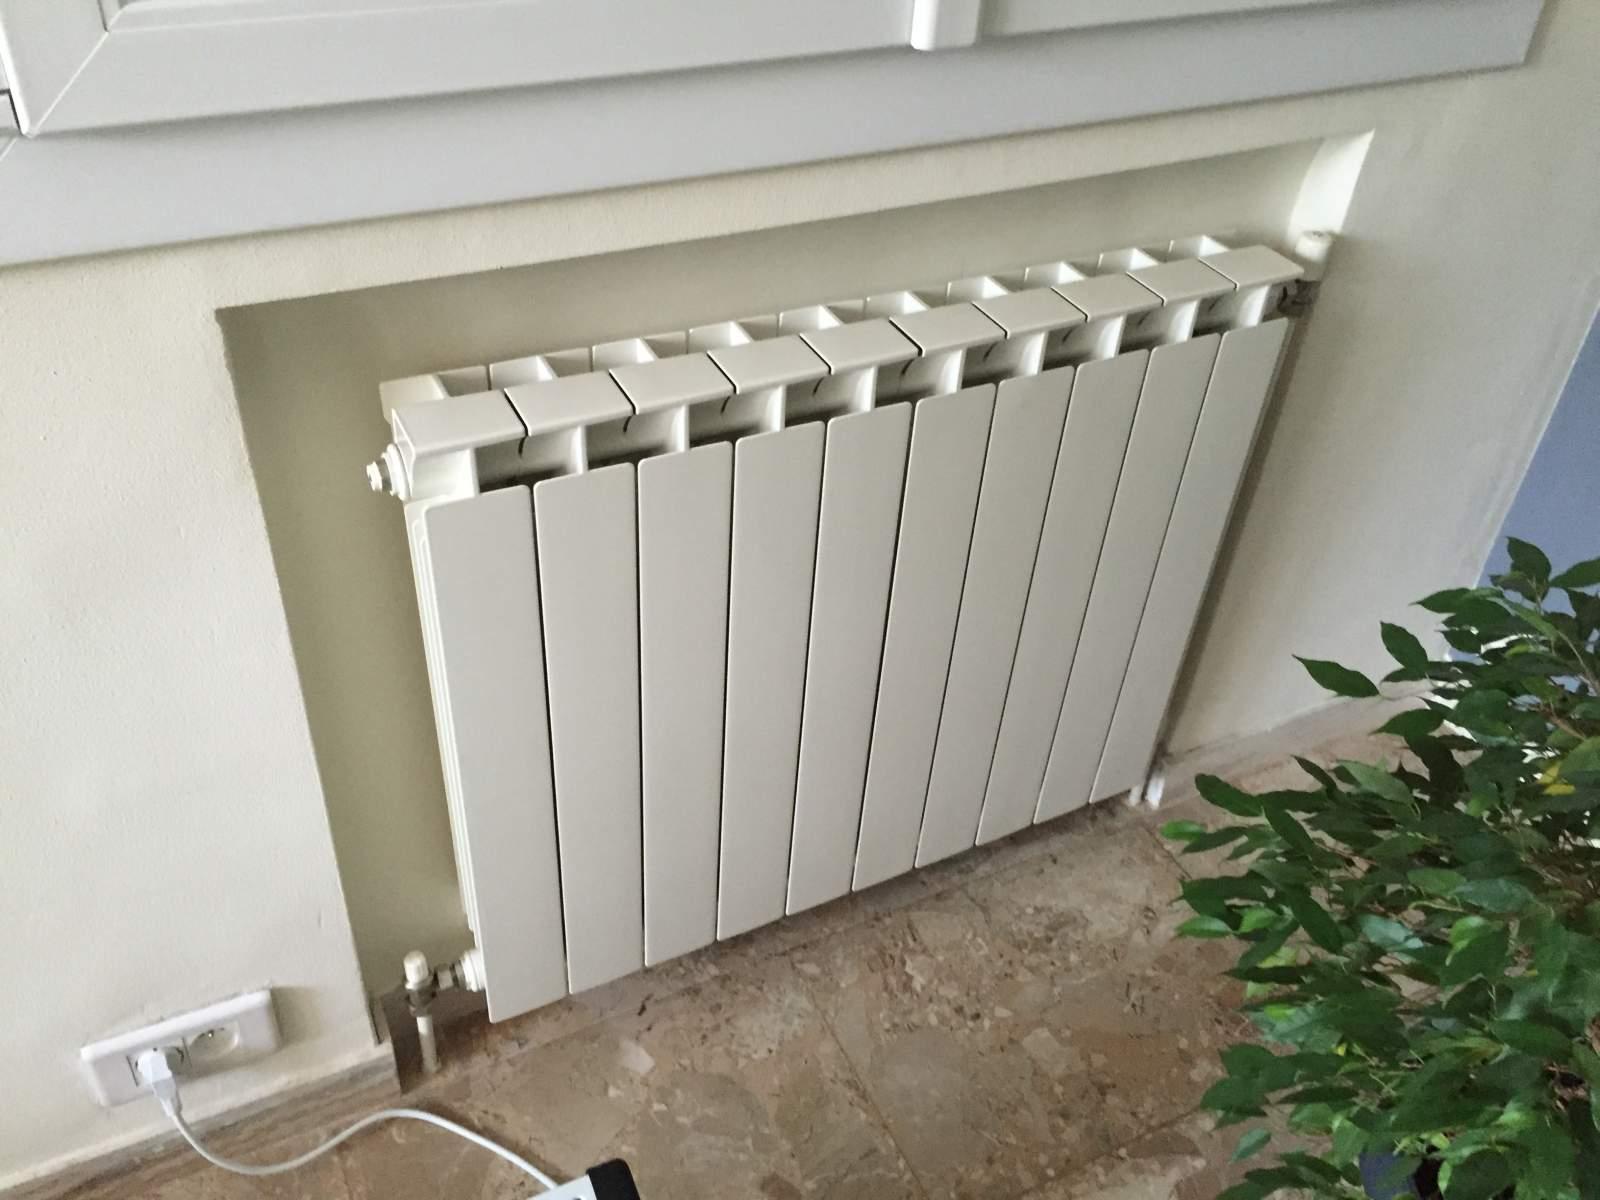 Installation pompe chaleur air eau mitsubishi electric hydrobox duo power - Pompe a chaleur inverter air eau ...